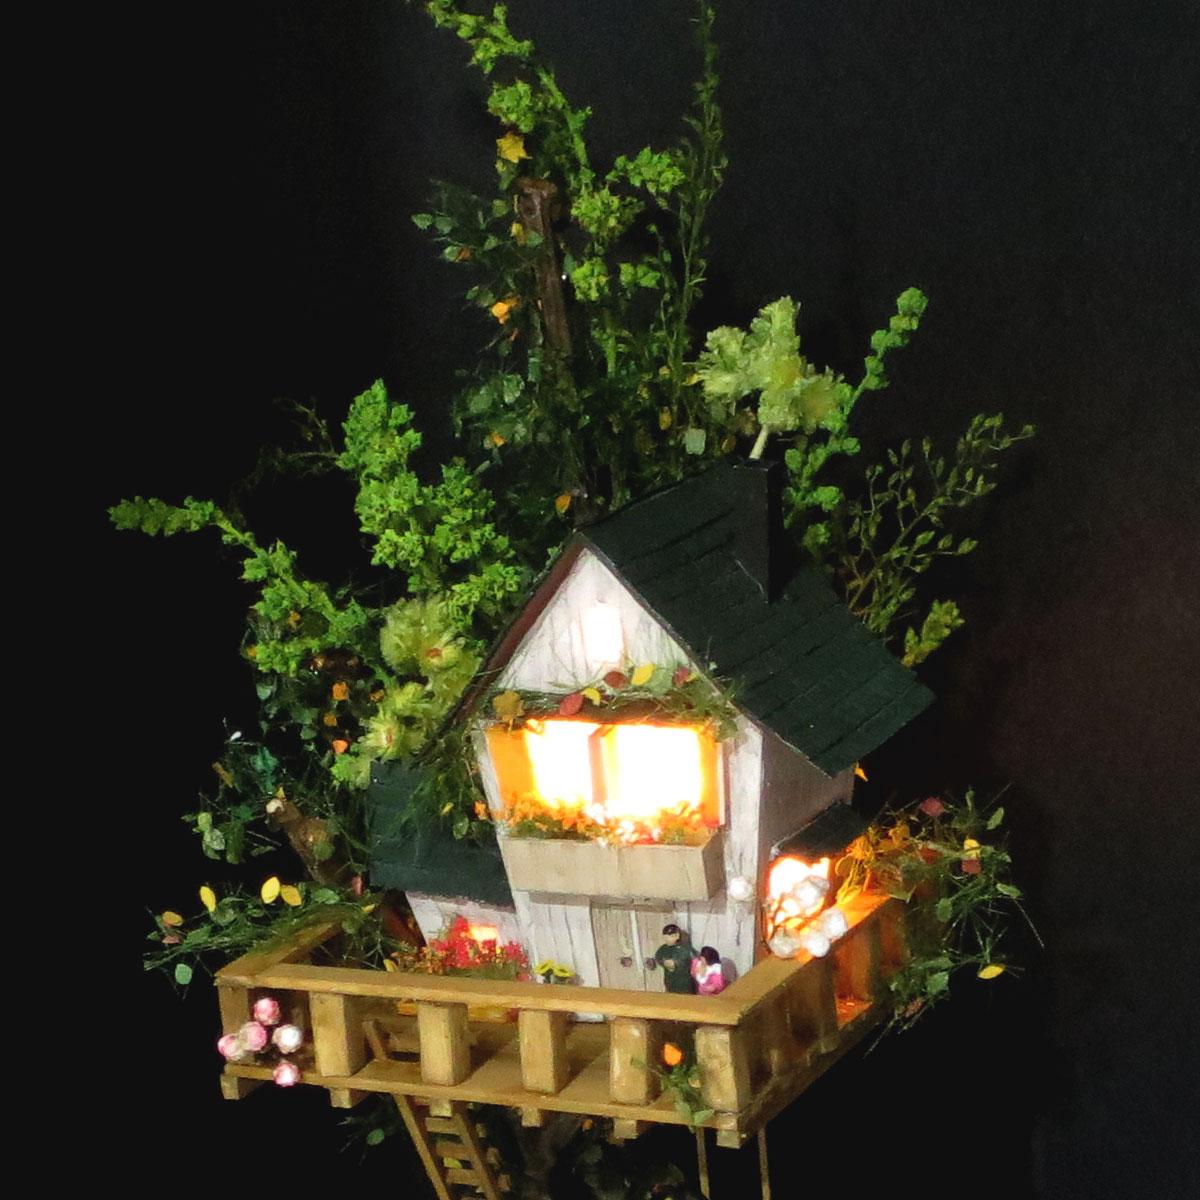 ツリーハウスライン#10 「辛子色の電車と緑のツリーハウス」 :石川宜明 塗装済完成品 1/150サイズ